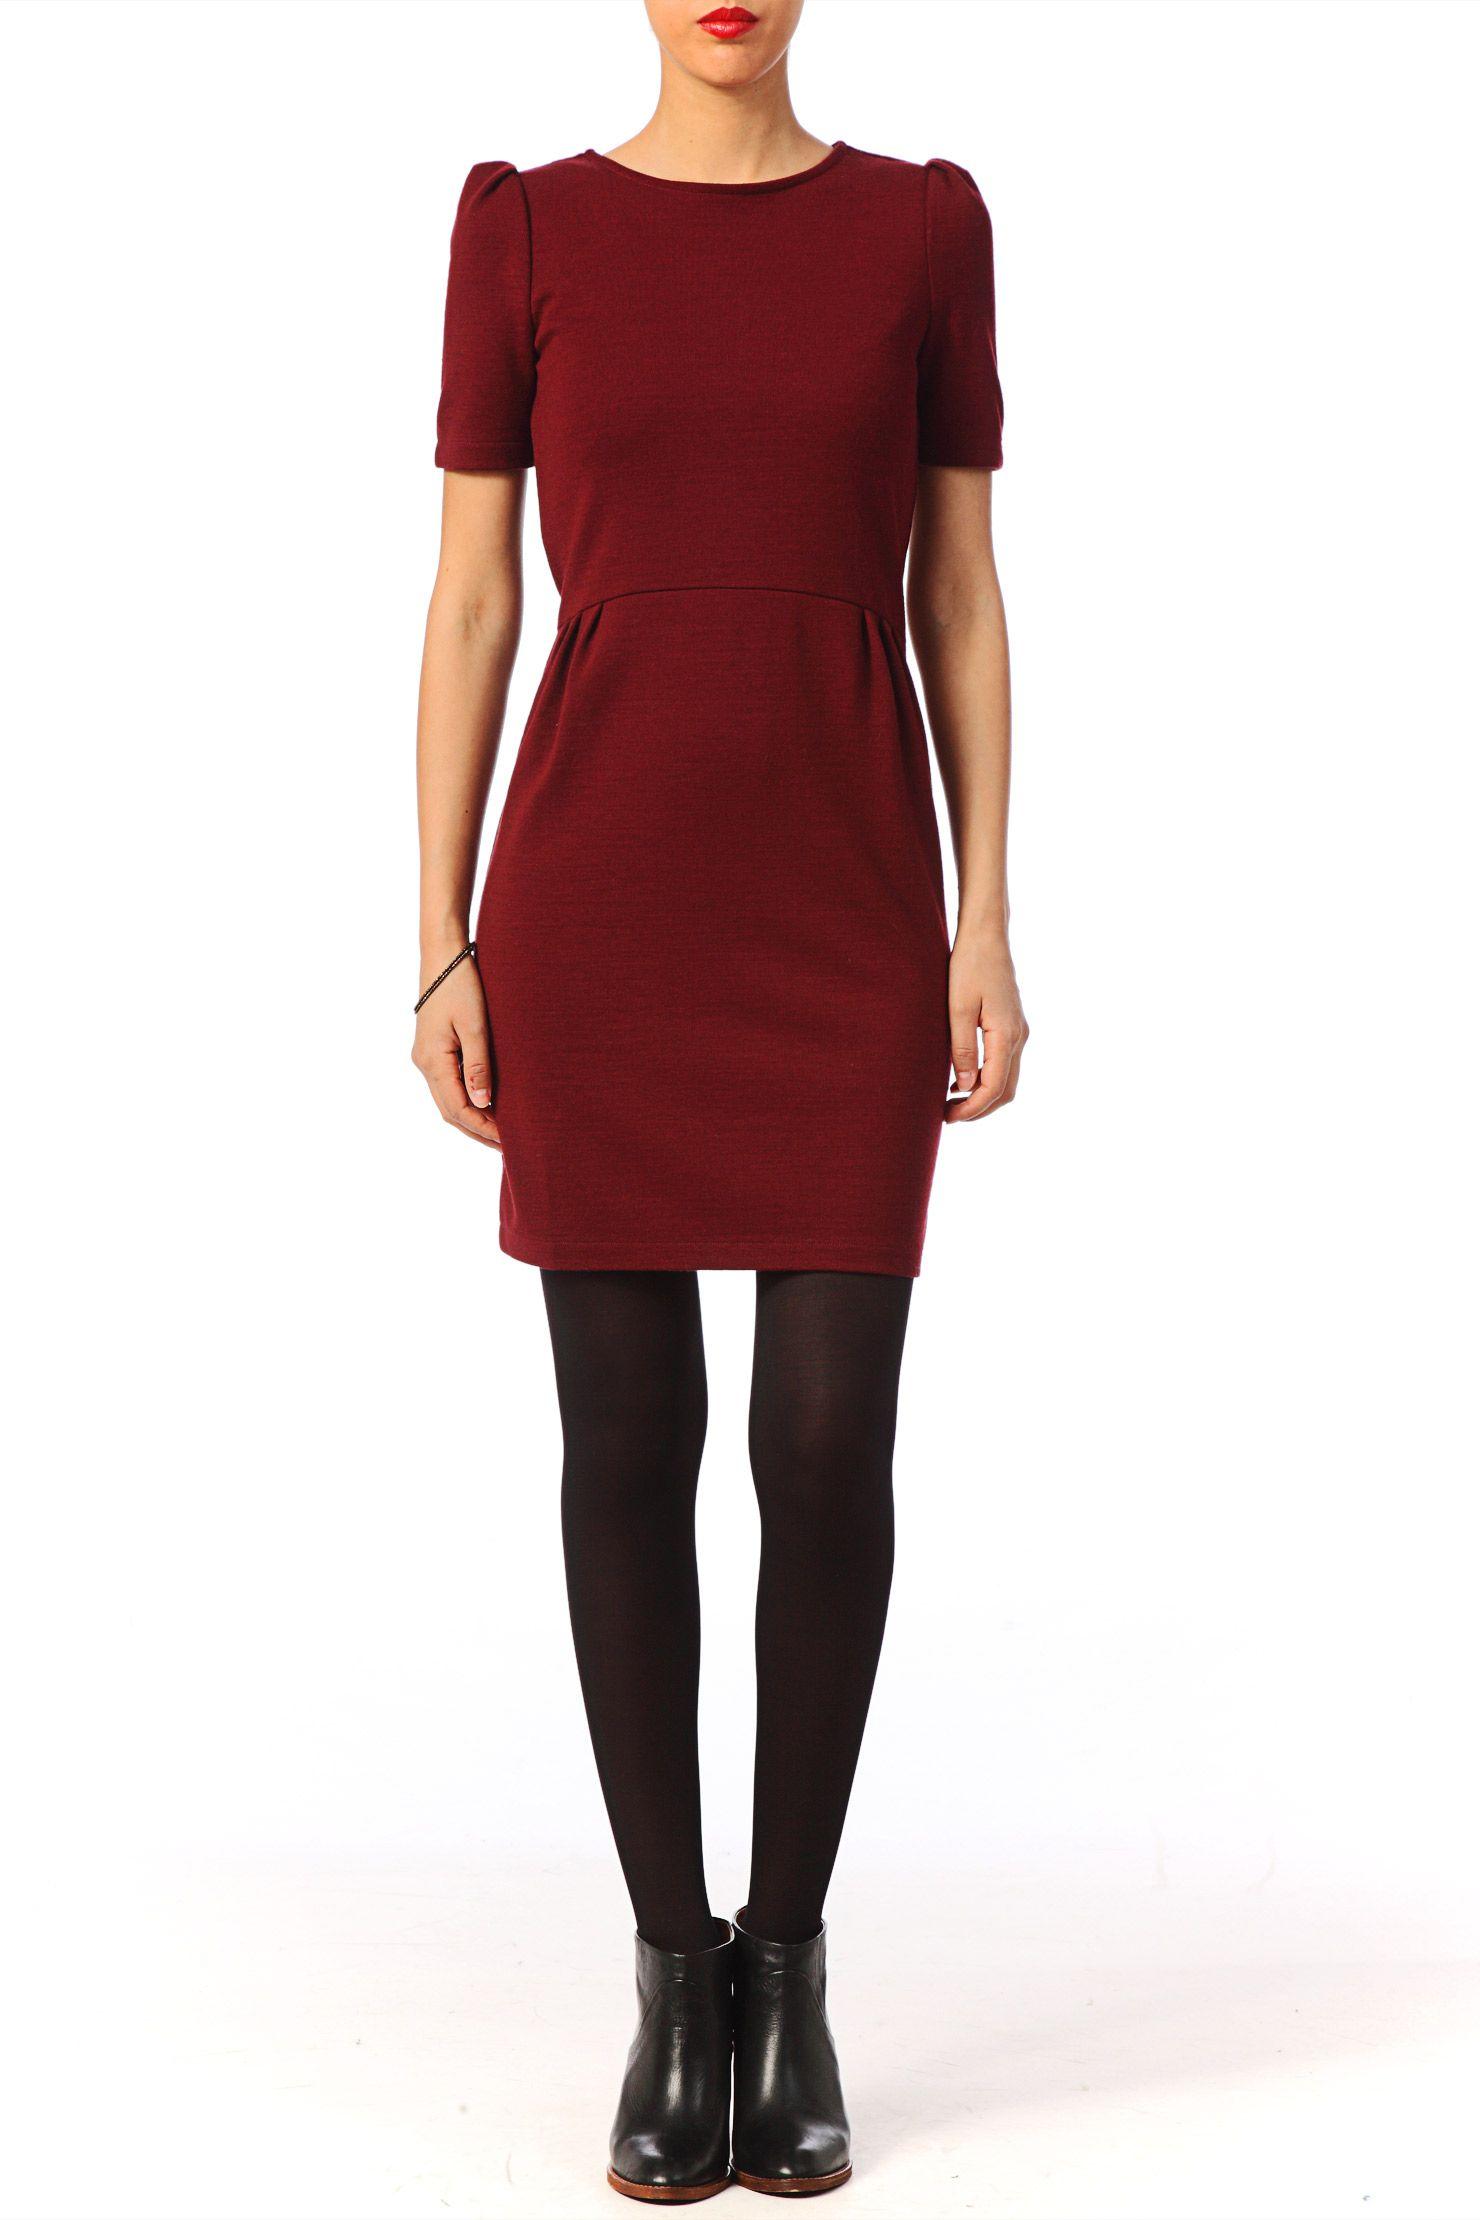 16924f44344 Robe droite en laine vierge Klein Rouge   Corail Sessun sur MonShowroom.com